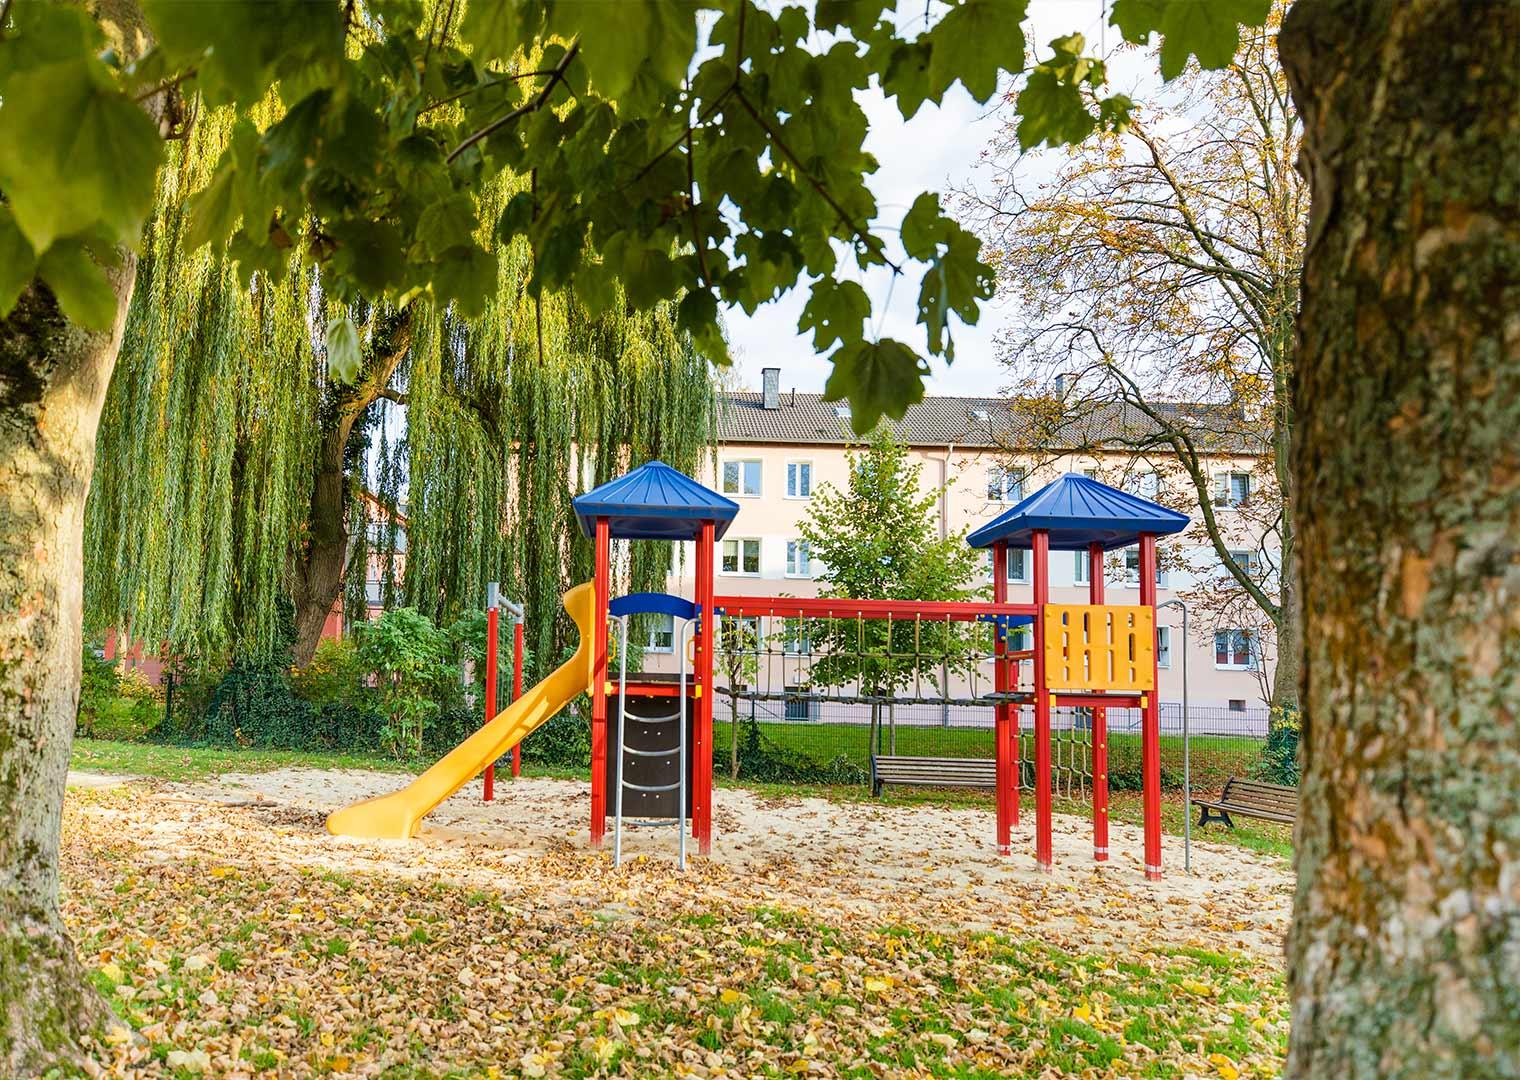 Link zur Bilddatei: Kirchhelle_Referenzen_Spielplatz_Galeriebilder_06